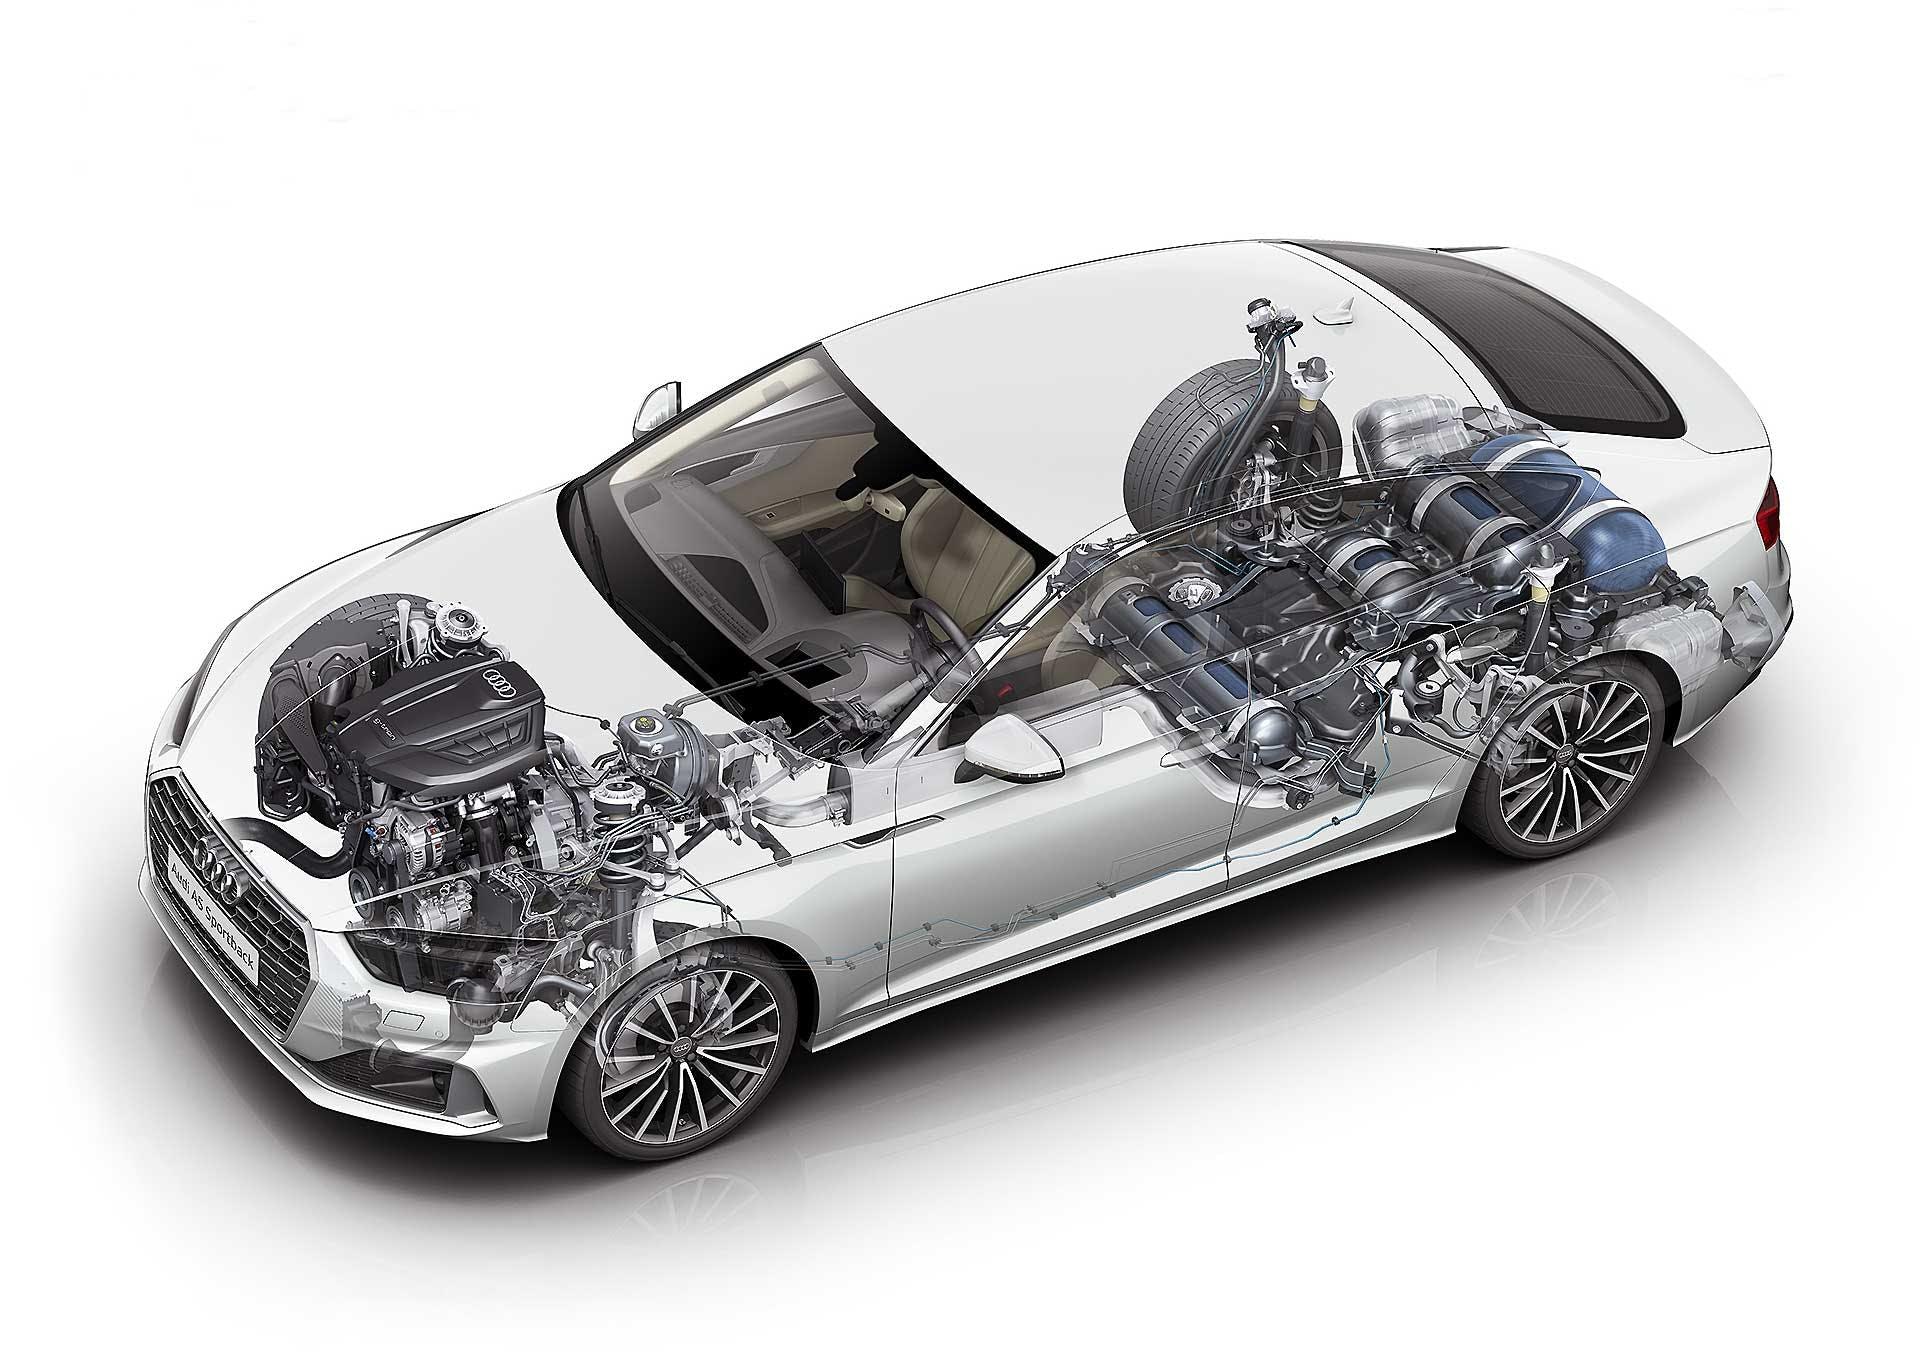 Audi A5 Sportback G-Tron migliori auto a metano schema tecnico